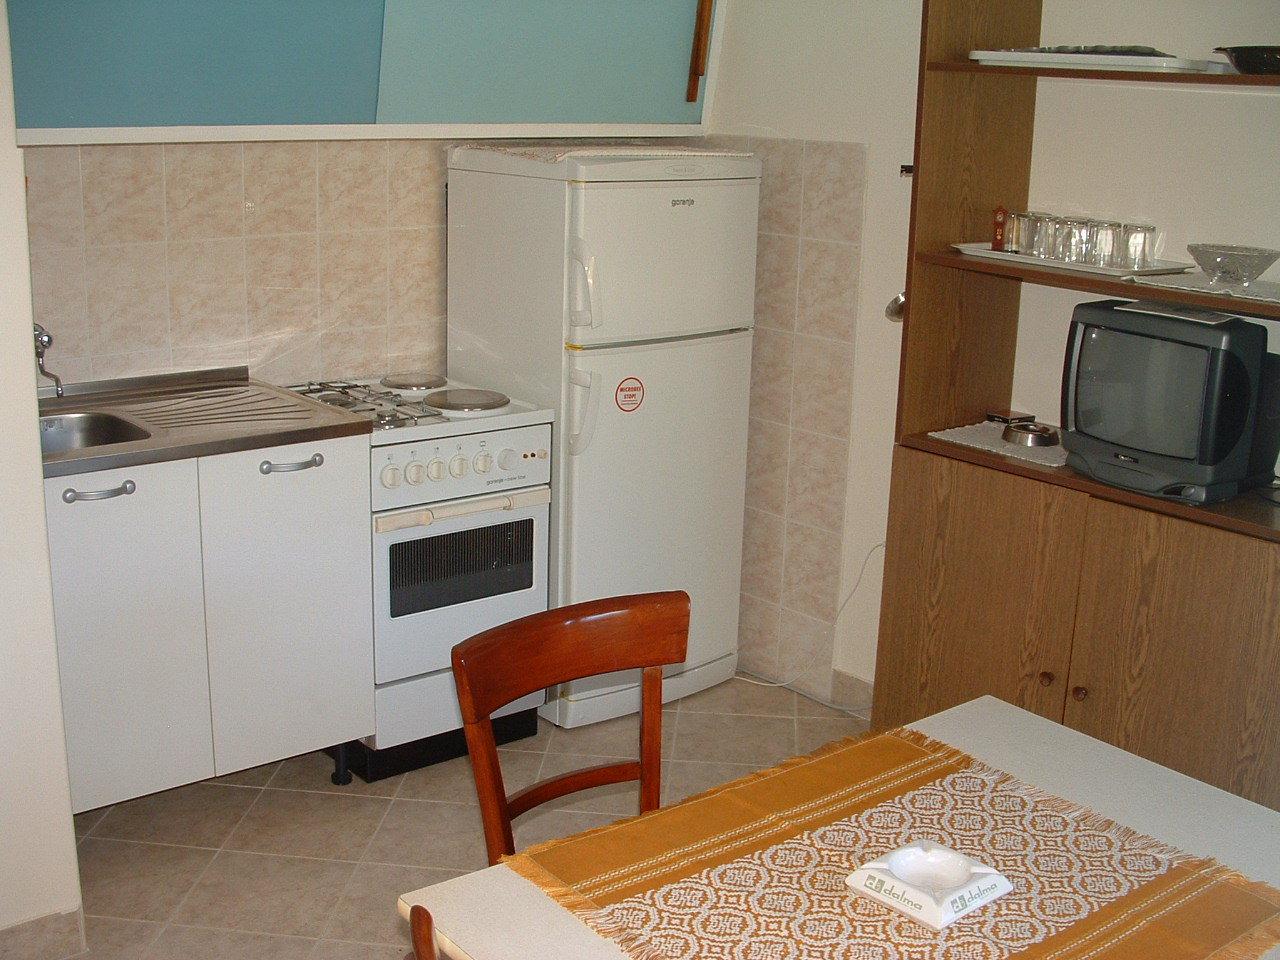 00104USTO  - Baia Stoncica (Vis) - Case vacanze, ville Croazia - H(4): la cucina con la sala da pranzo